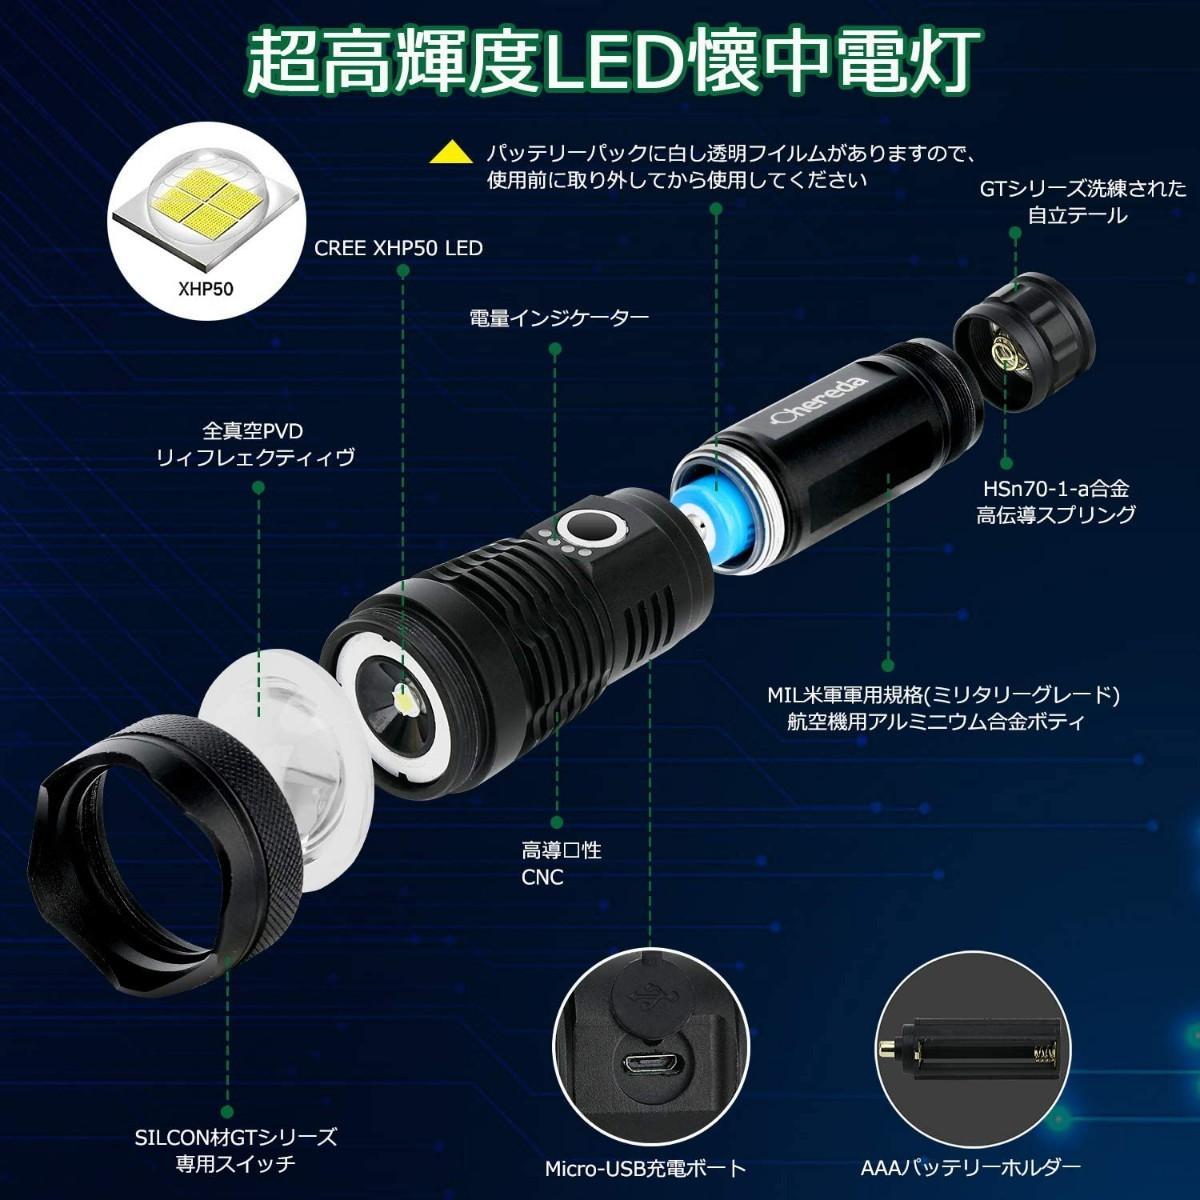 懐中電灯 充電式 LED ライト usb充電式 超高輝度 ハンディライト 防災対策 3000ルーメン 5モード調光